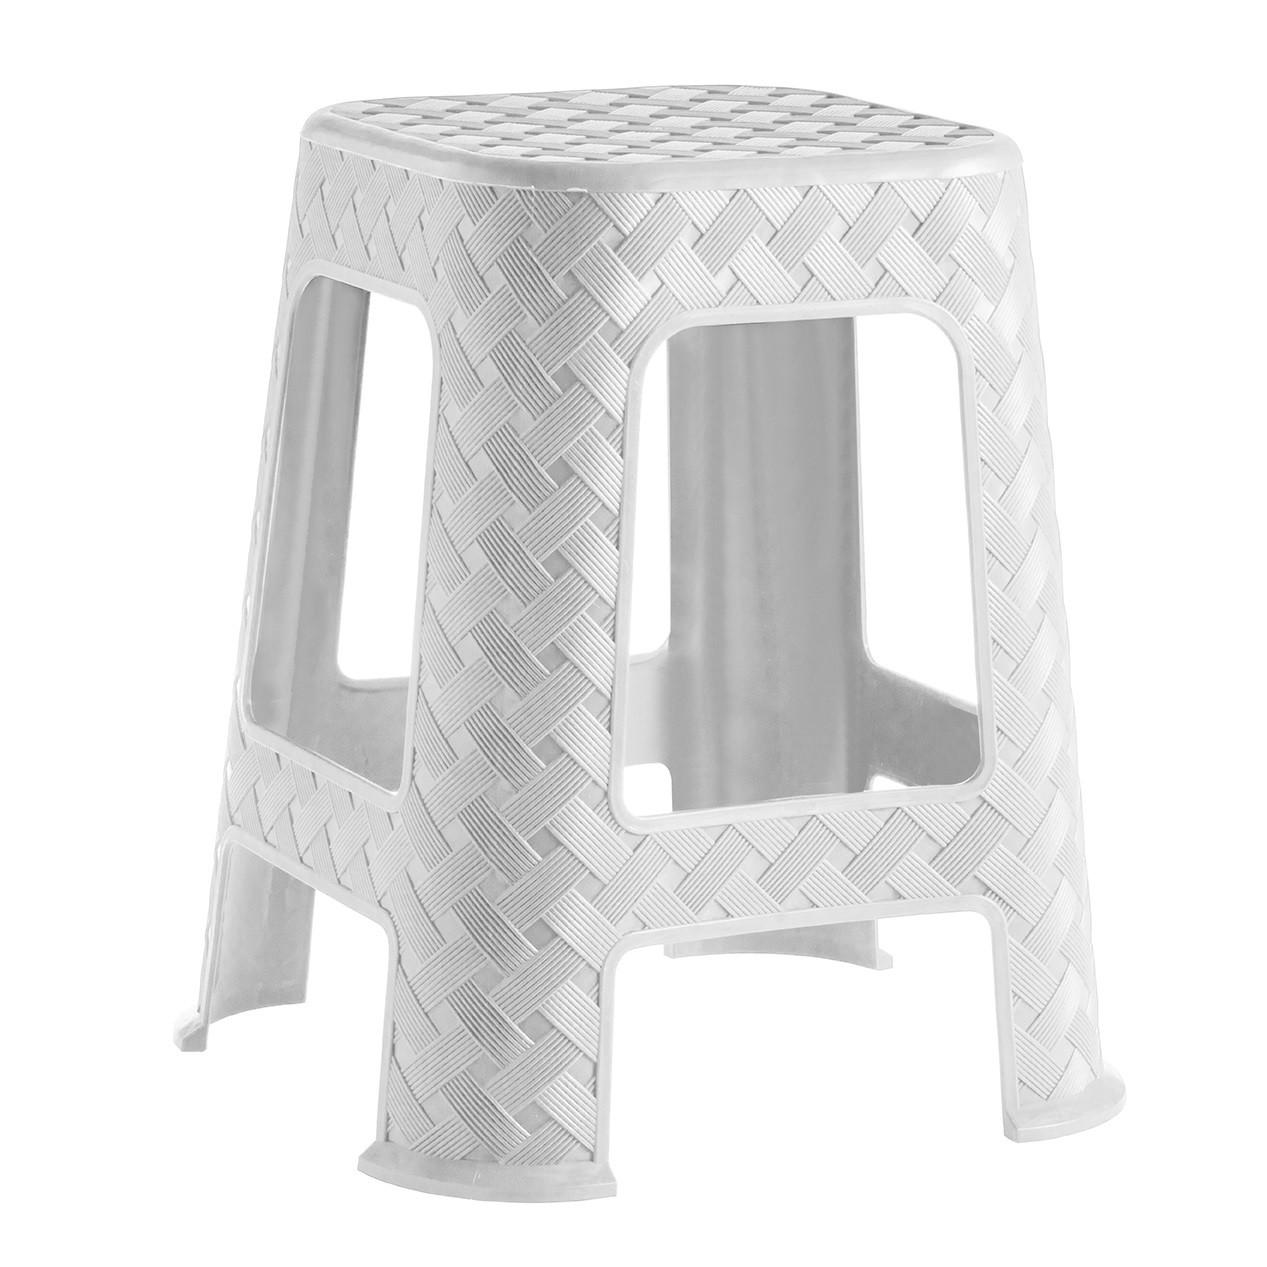 Banqueta de Plastico 45cm Branca - Paramount